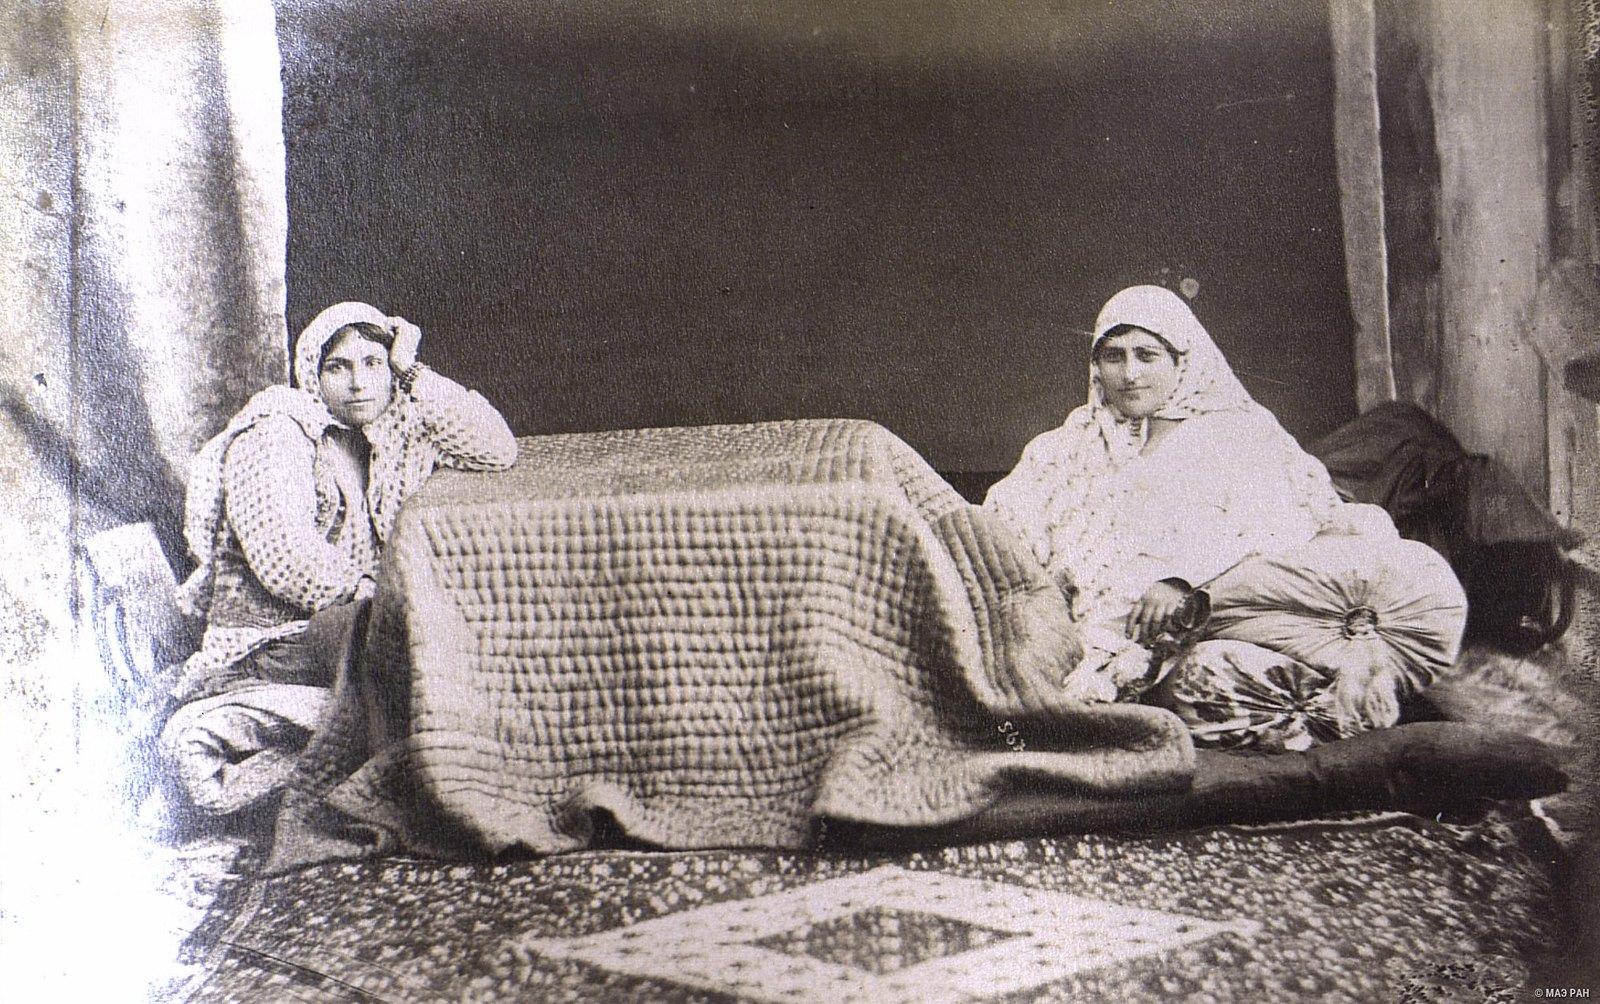 Женщины в эндеруне (внутреннем дворце)  (2)